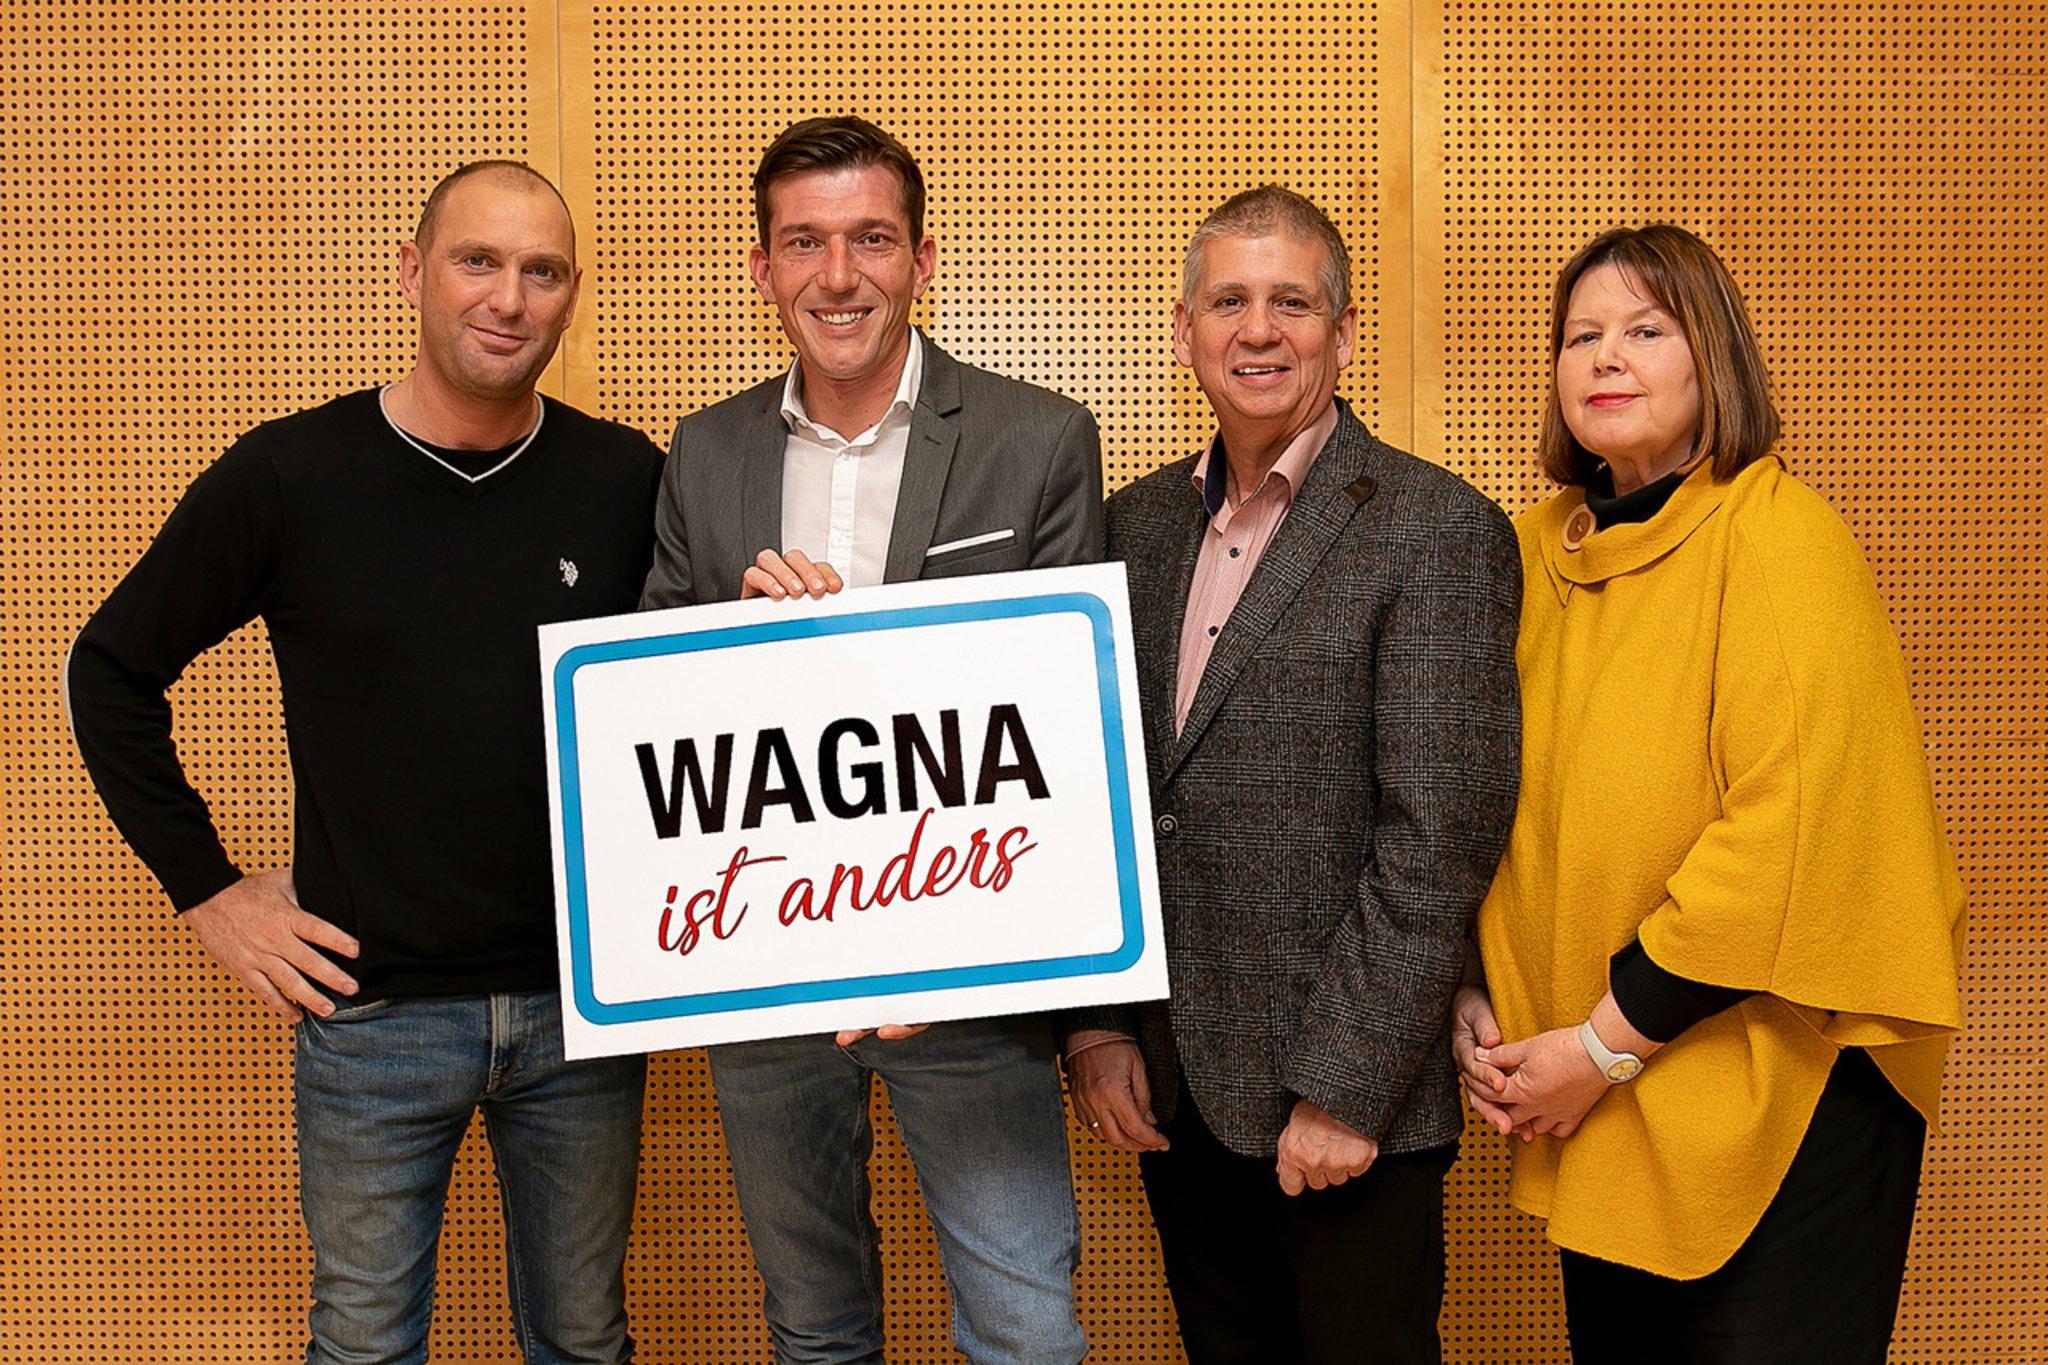 Wagna Kostenlos Partnersuche Landeck Persnliche